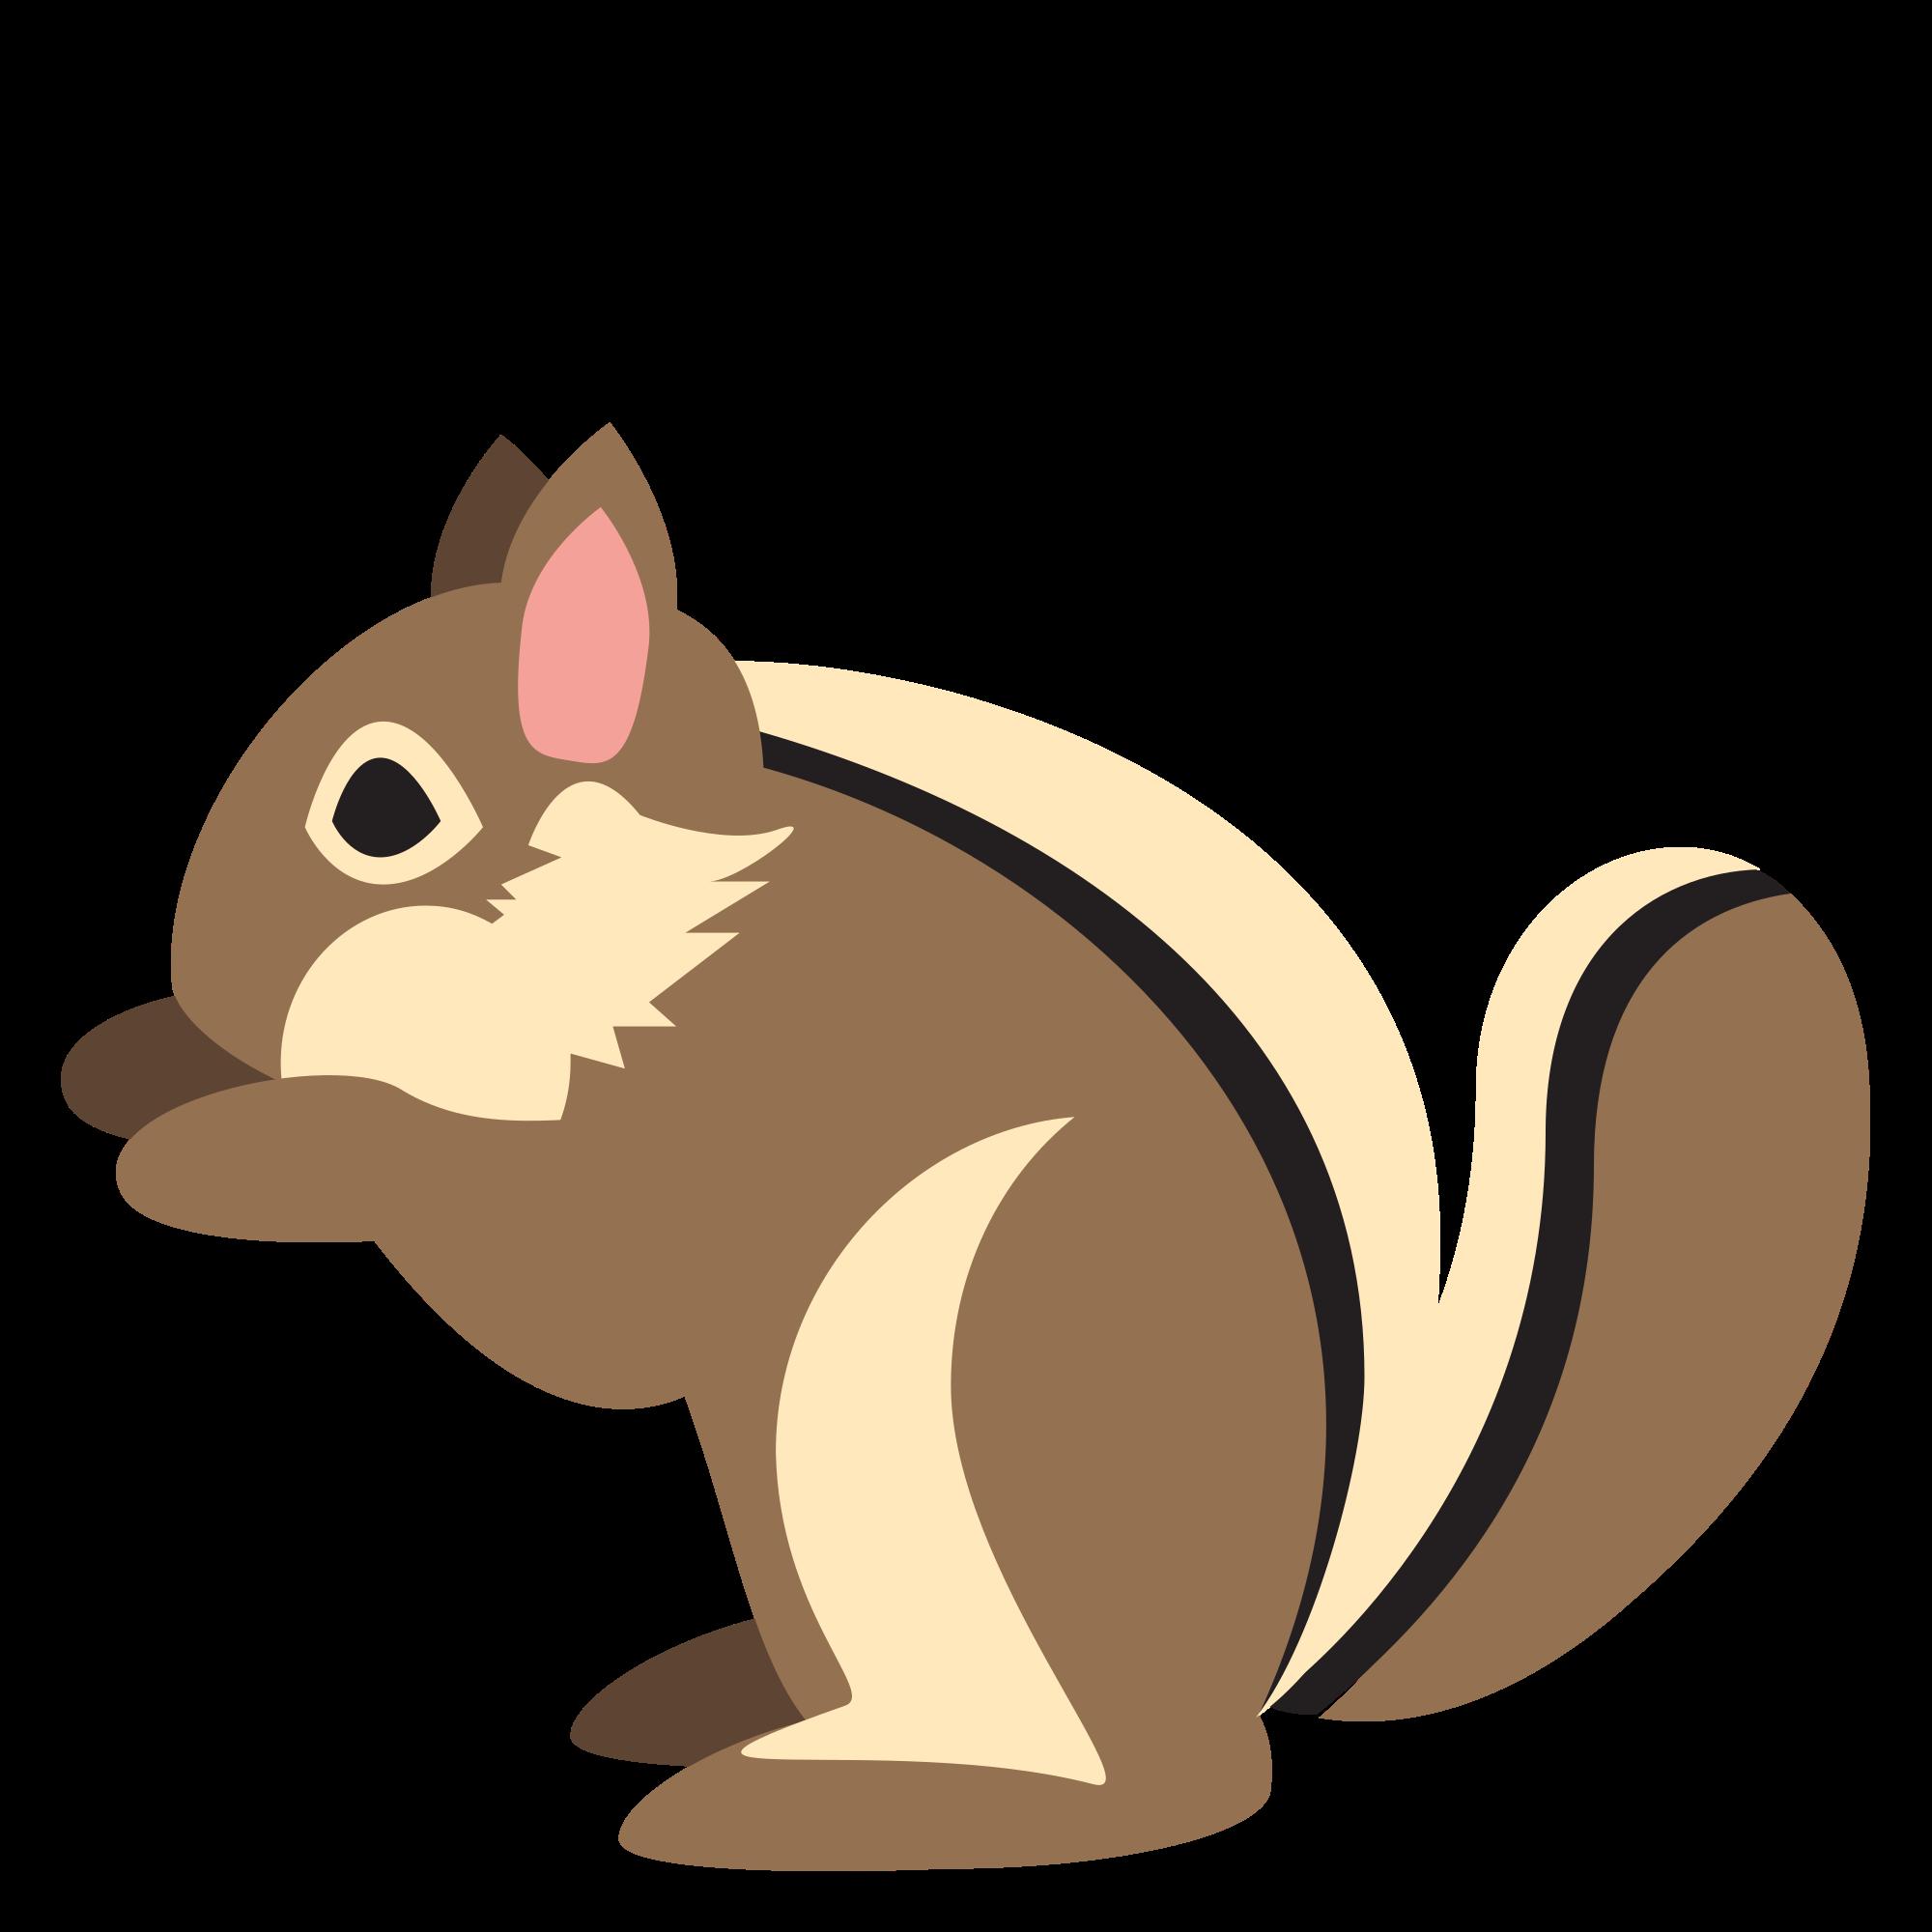 graphic squirrel svg chipmunk #115847356